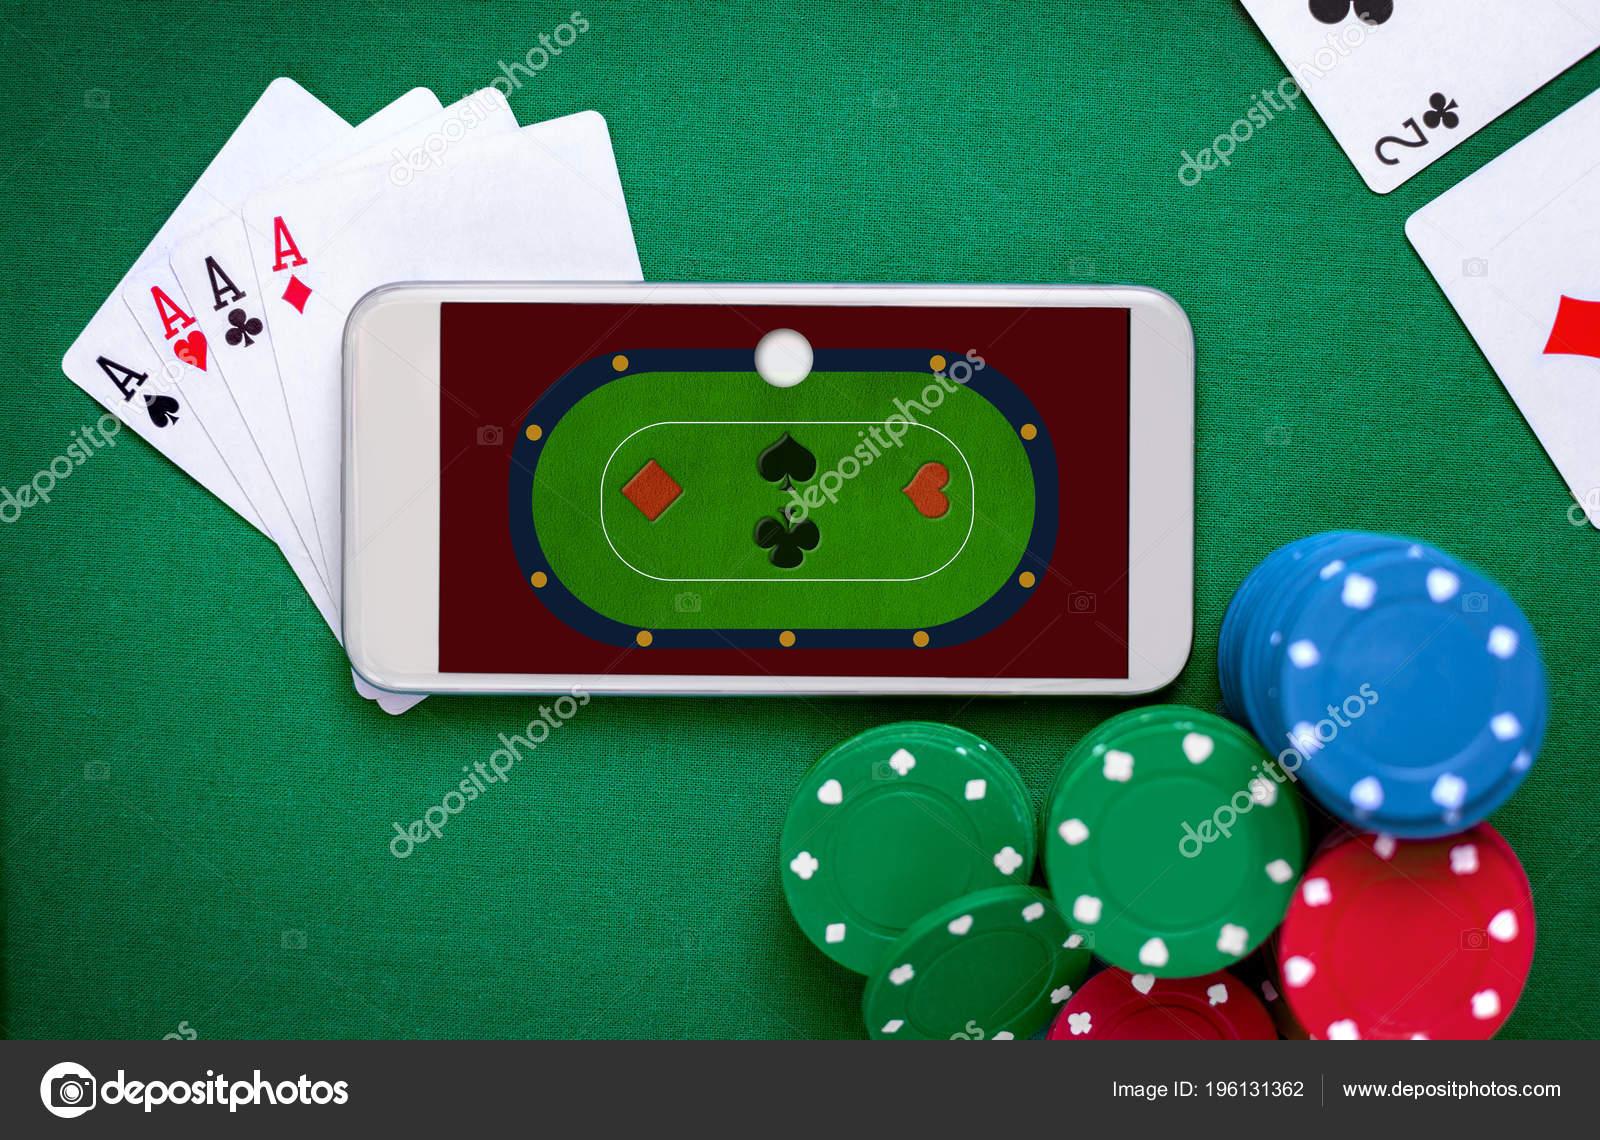 Игровые автоматы крези манки играть бесплатно